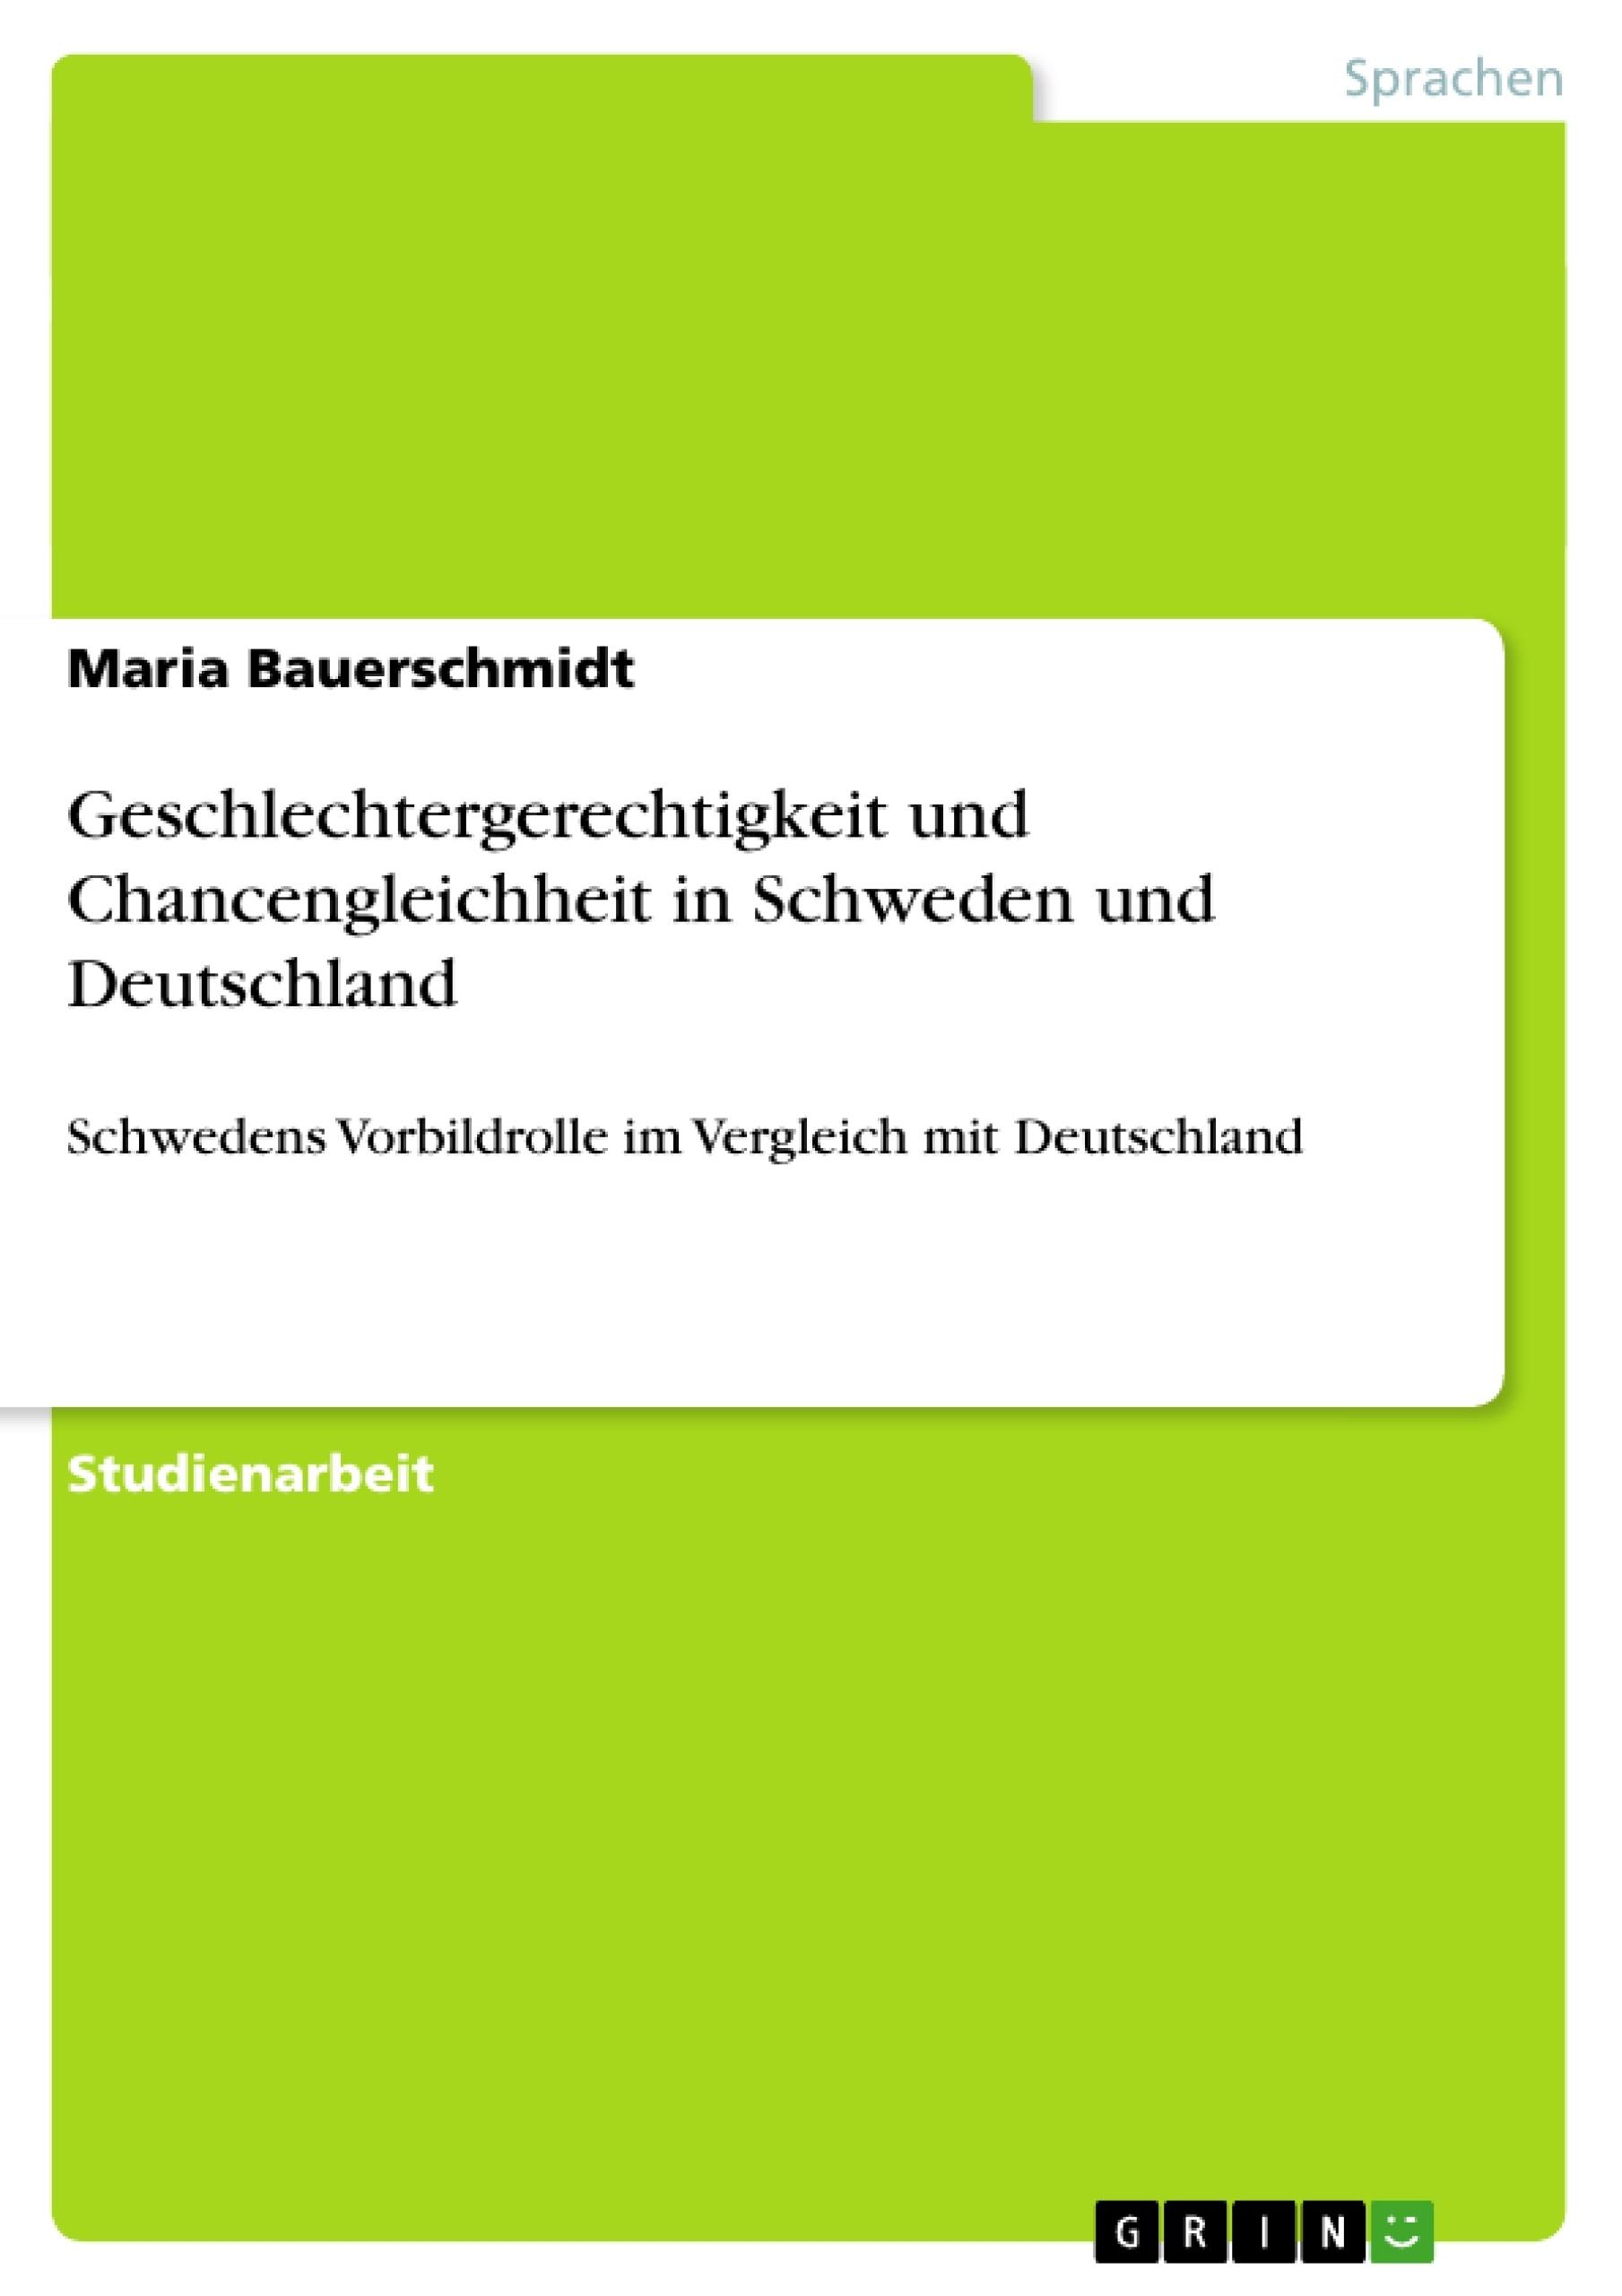 Titel: Geschlechtergerechtigkeit und Chancengleichheit in Schweden und Deutschland